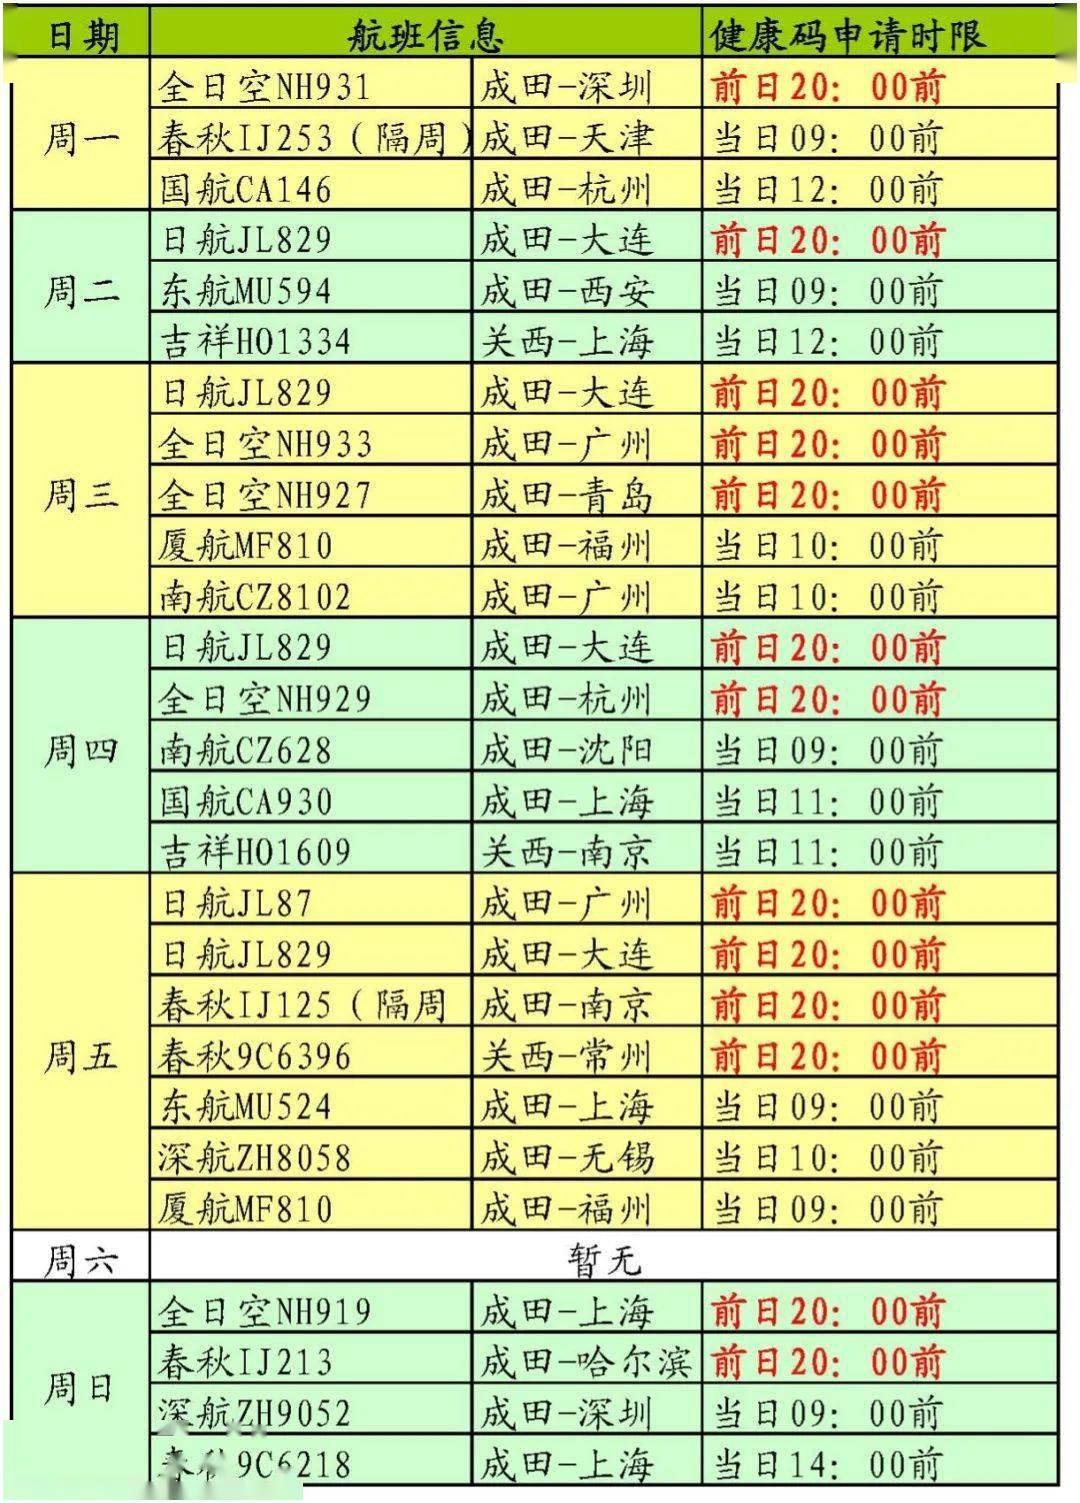 赴华乘客注意!驻日本使馆发布1月航班信息及健康码申请须知